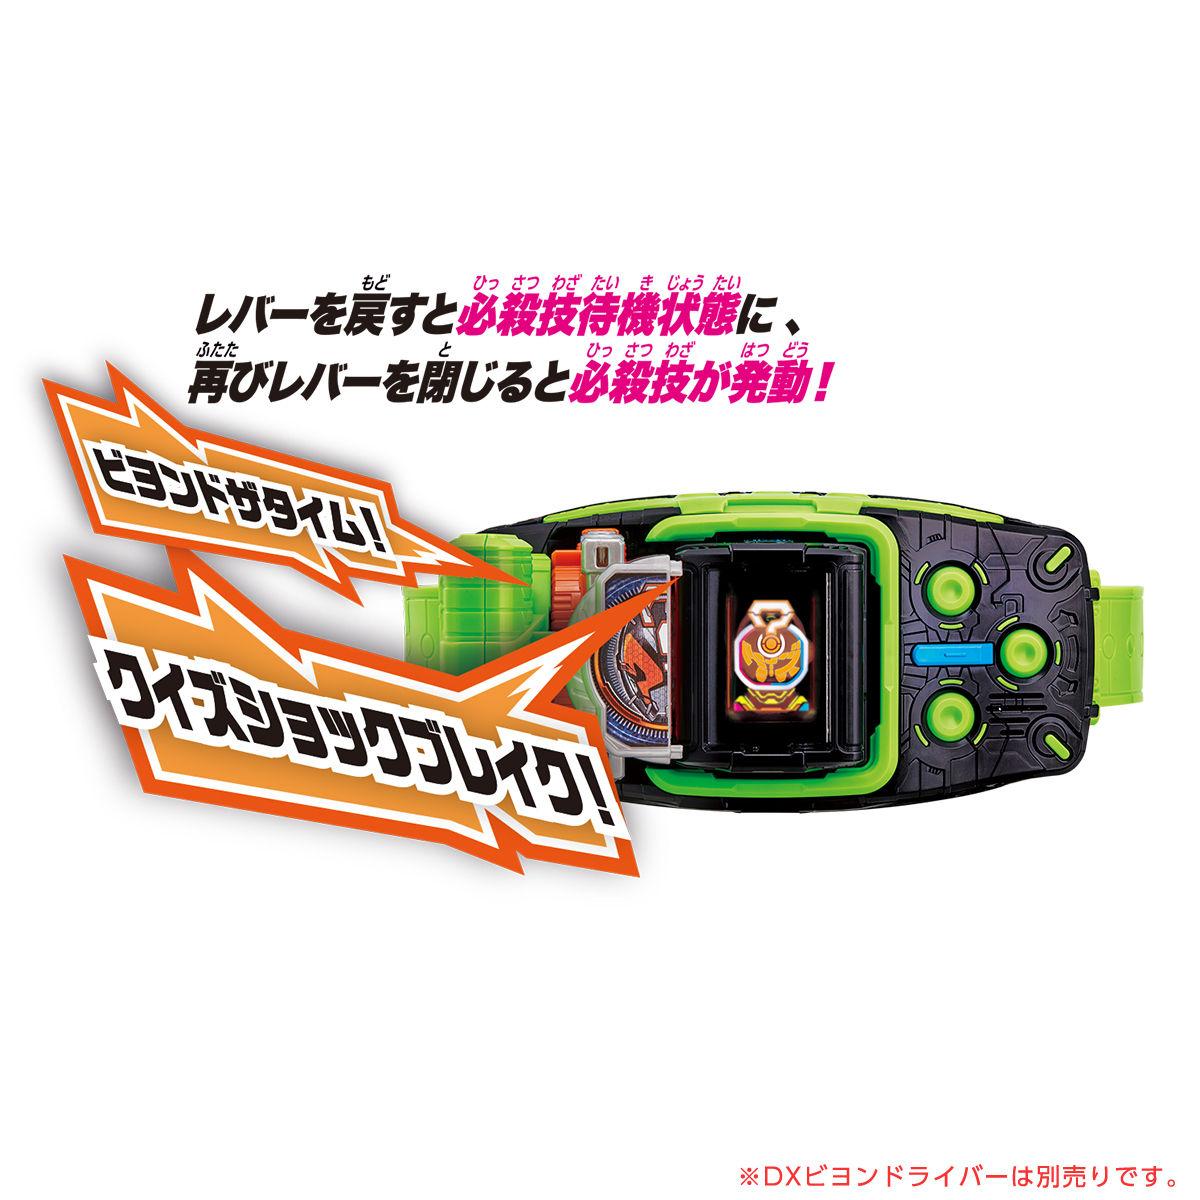 仮面ライダージオウ『DXクイズミライドウォッチ』変身なりきり-008